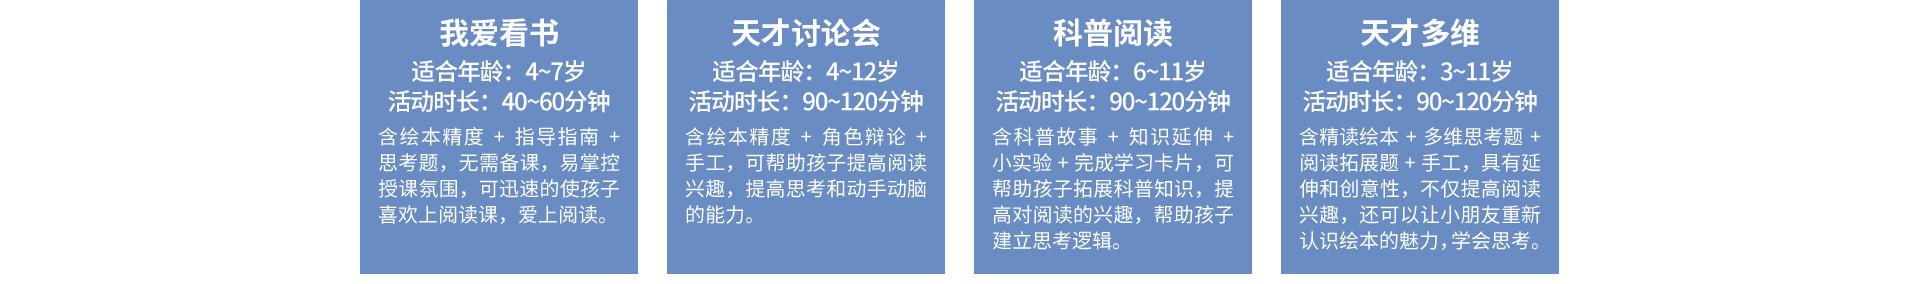 快乐书童阅读馆PC-快乐书童-许小琥_11